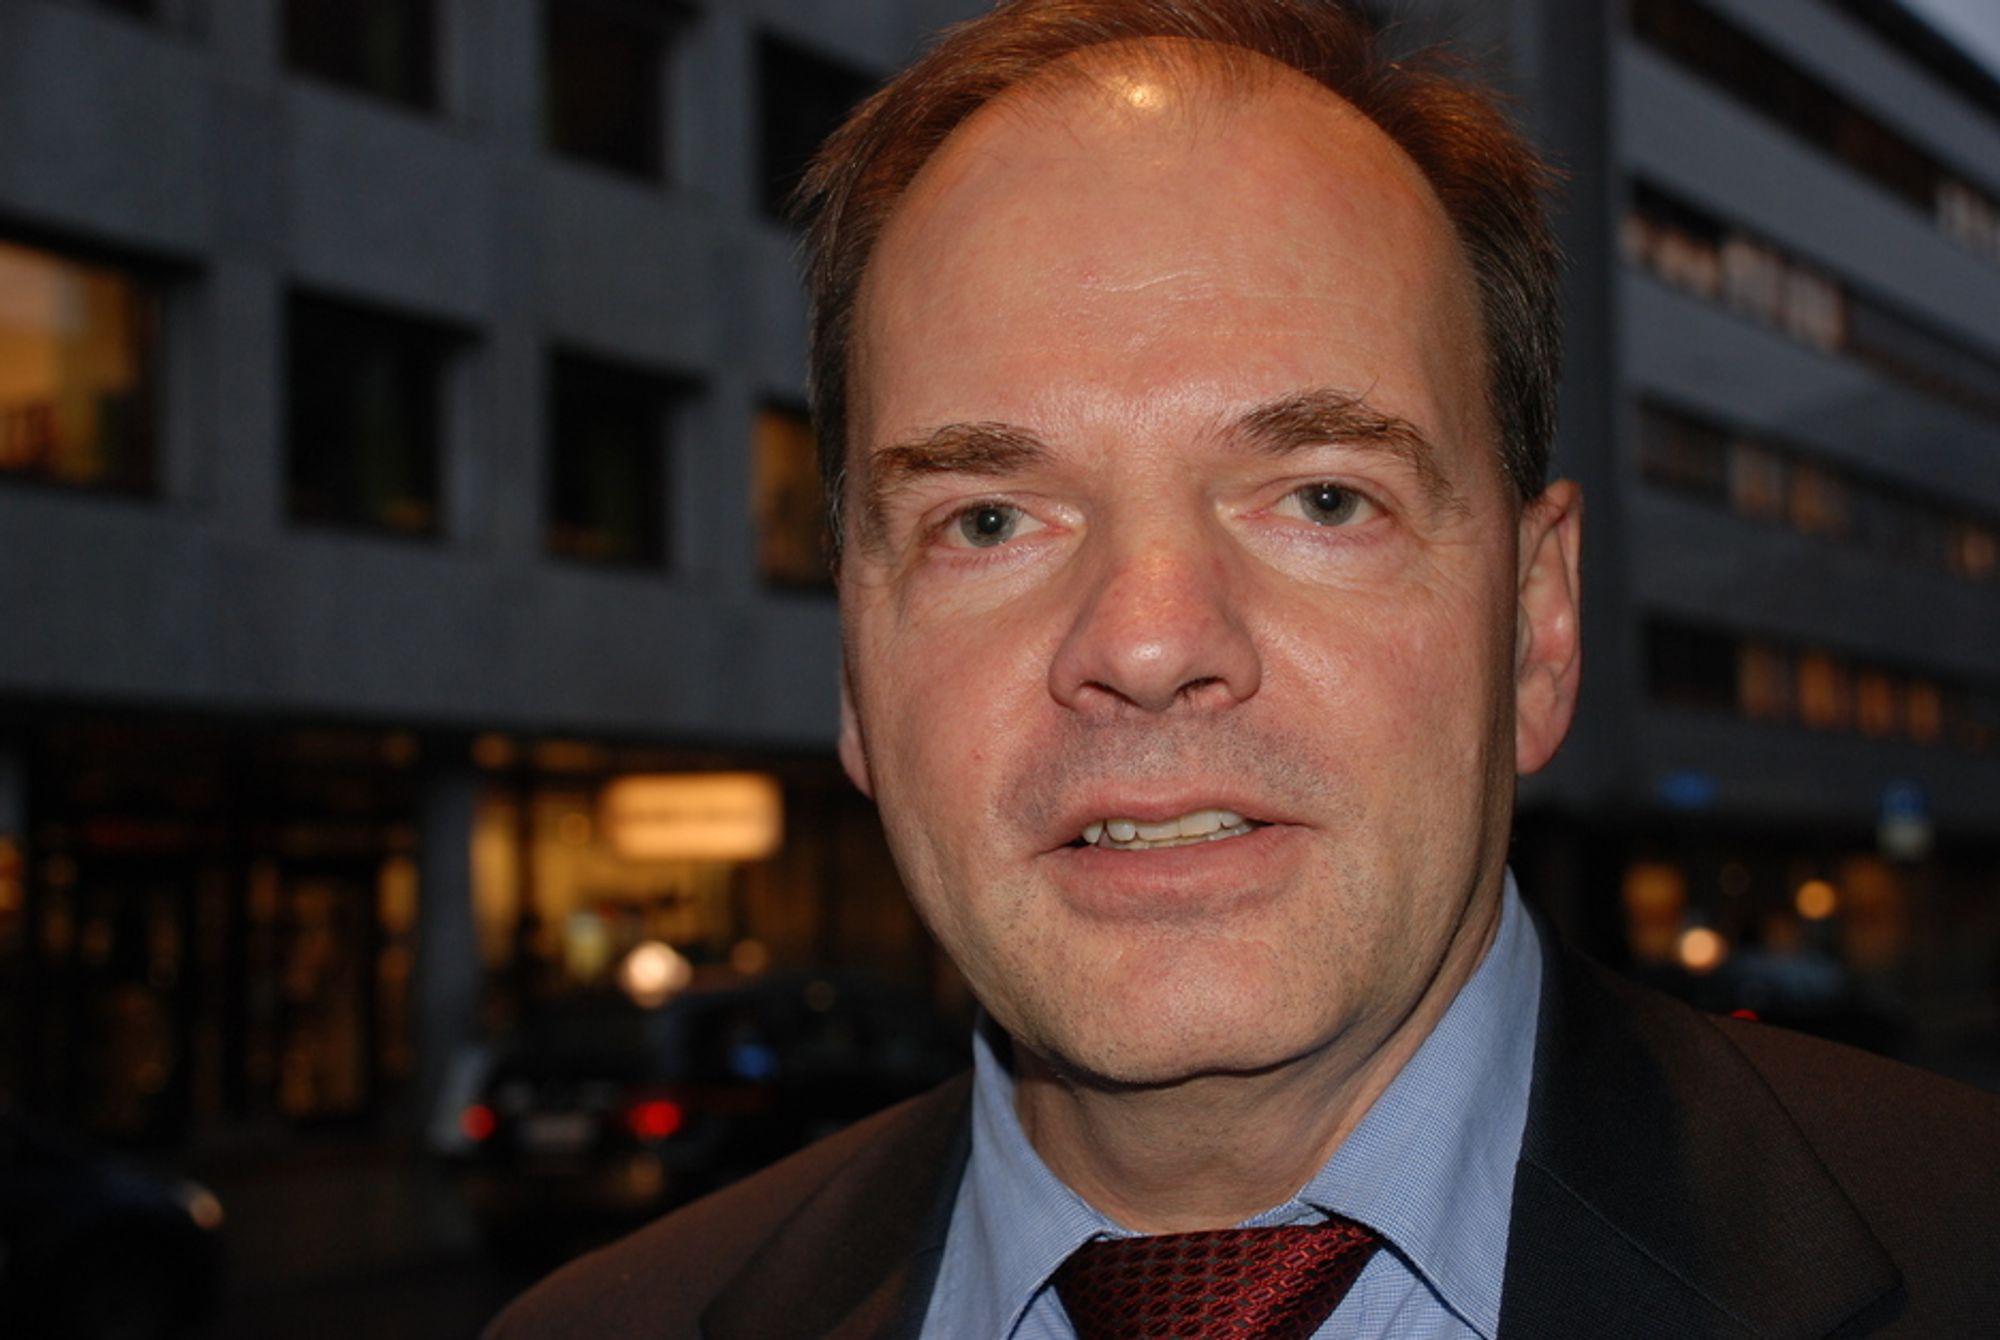 Utbygging av overføringslinjer for kraft til Europa vil koste et sted mellom 20 til 30 milliarder kroner, og det vil ikke markedet betale for, mener administrerende direktør i E-CON, Hans Erik Horn.